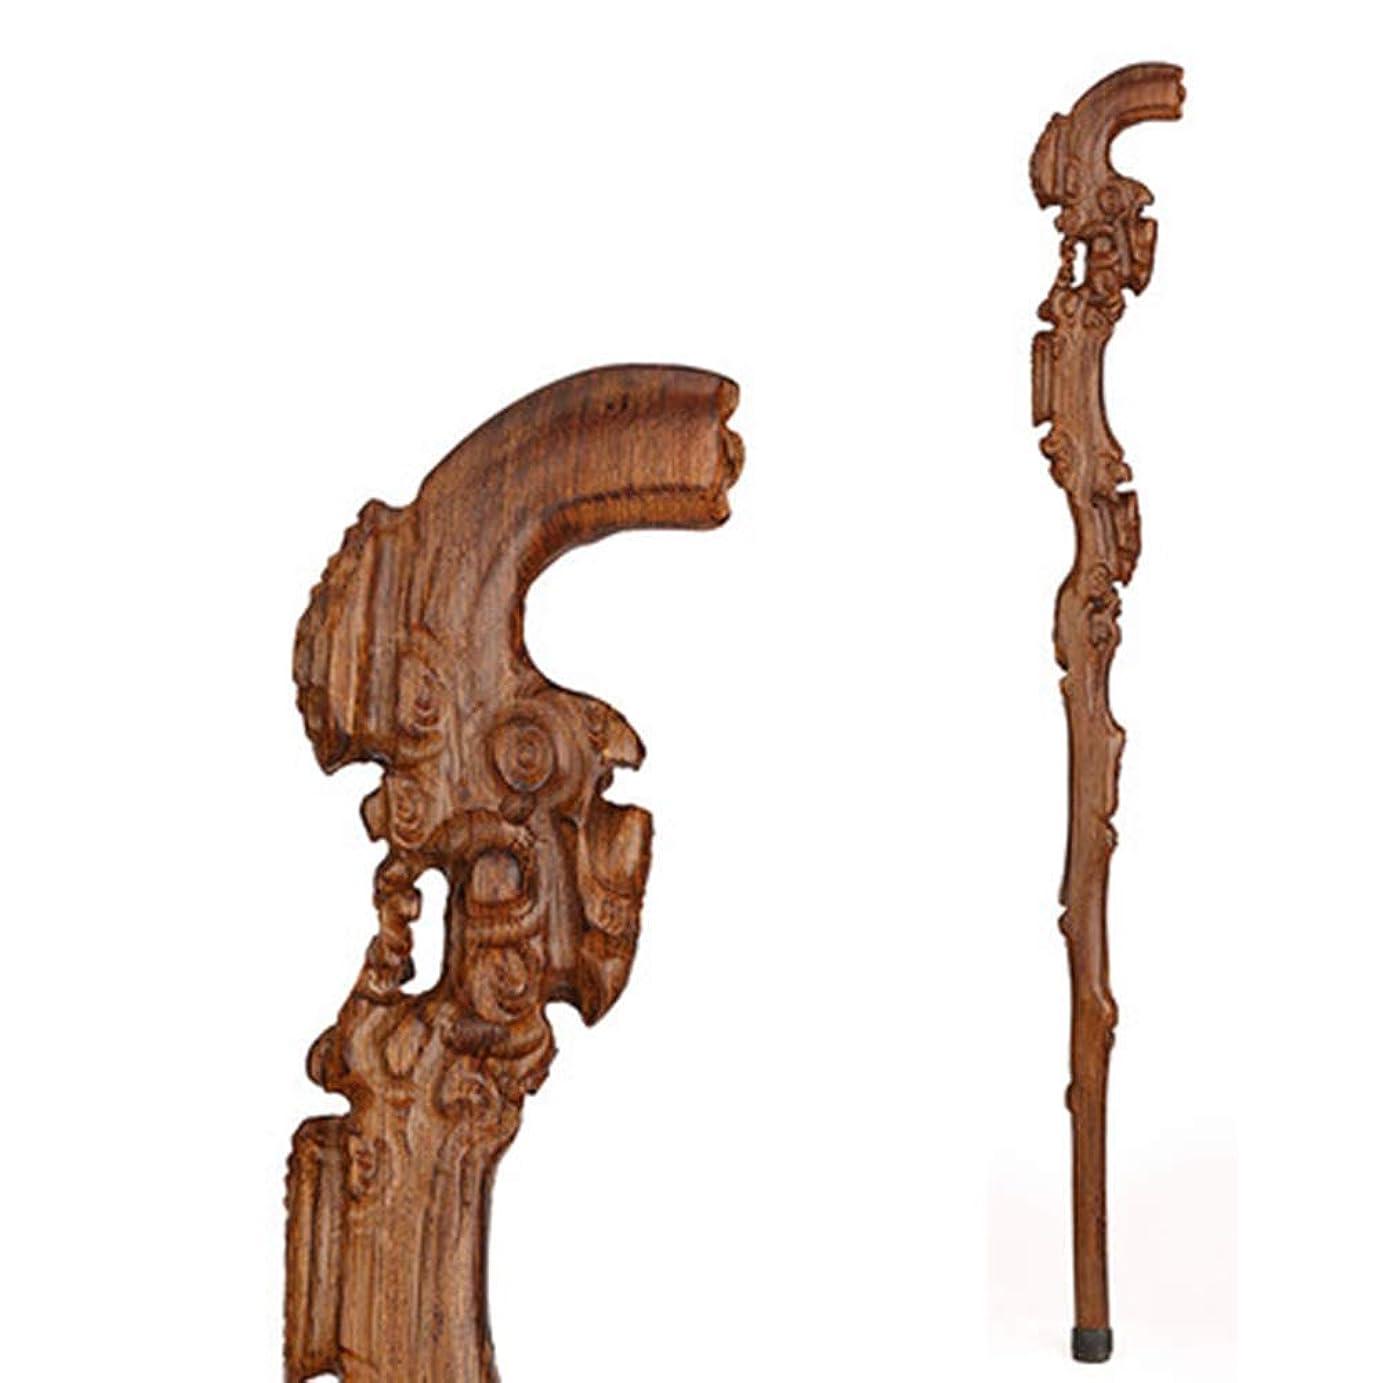 押し下げる残り物ペデスタル折りたたみ式の杖、松葉杖の木製の棒、無垢の木製、手羽先の木の老人の滑り止めの杖、おばあちゃんおじいちゃん